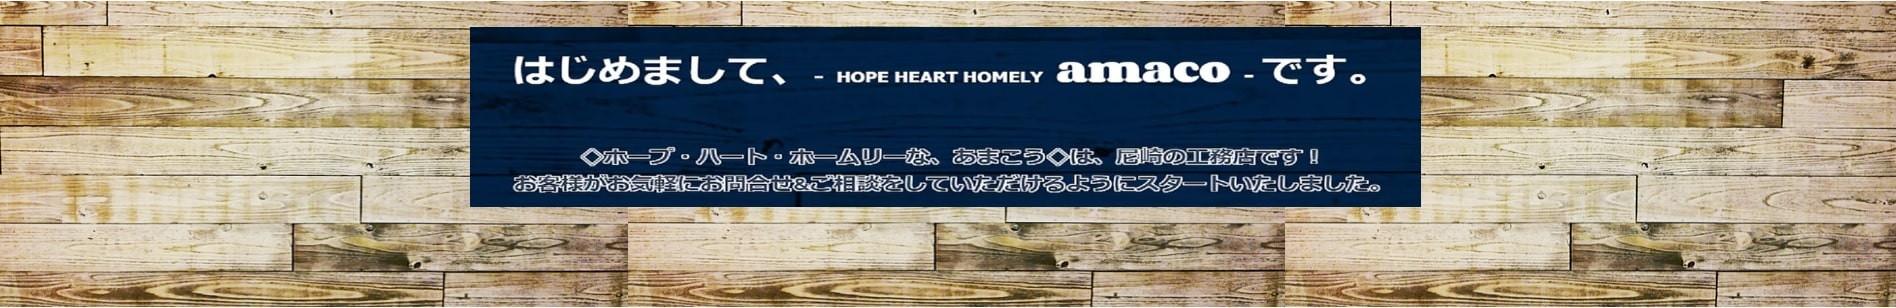 兵庫県尼崎市の工務店amaco/amaco工務店/thrice crafts 510/TC510/尼崎リノベーション